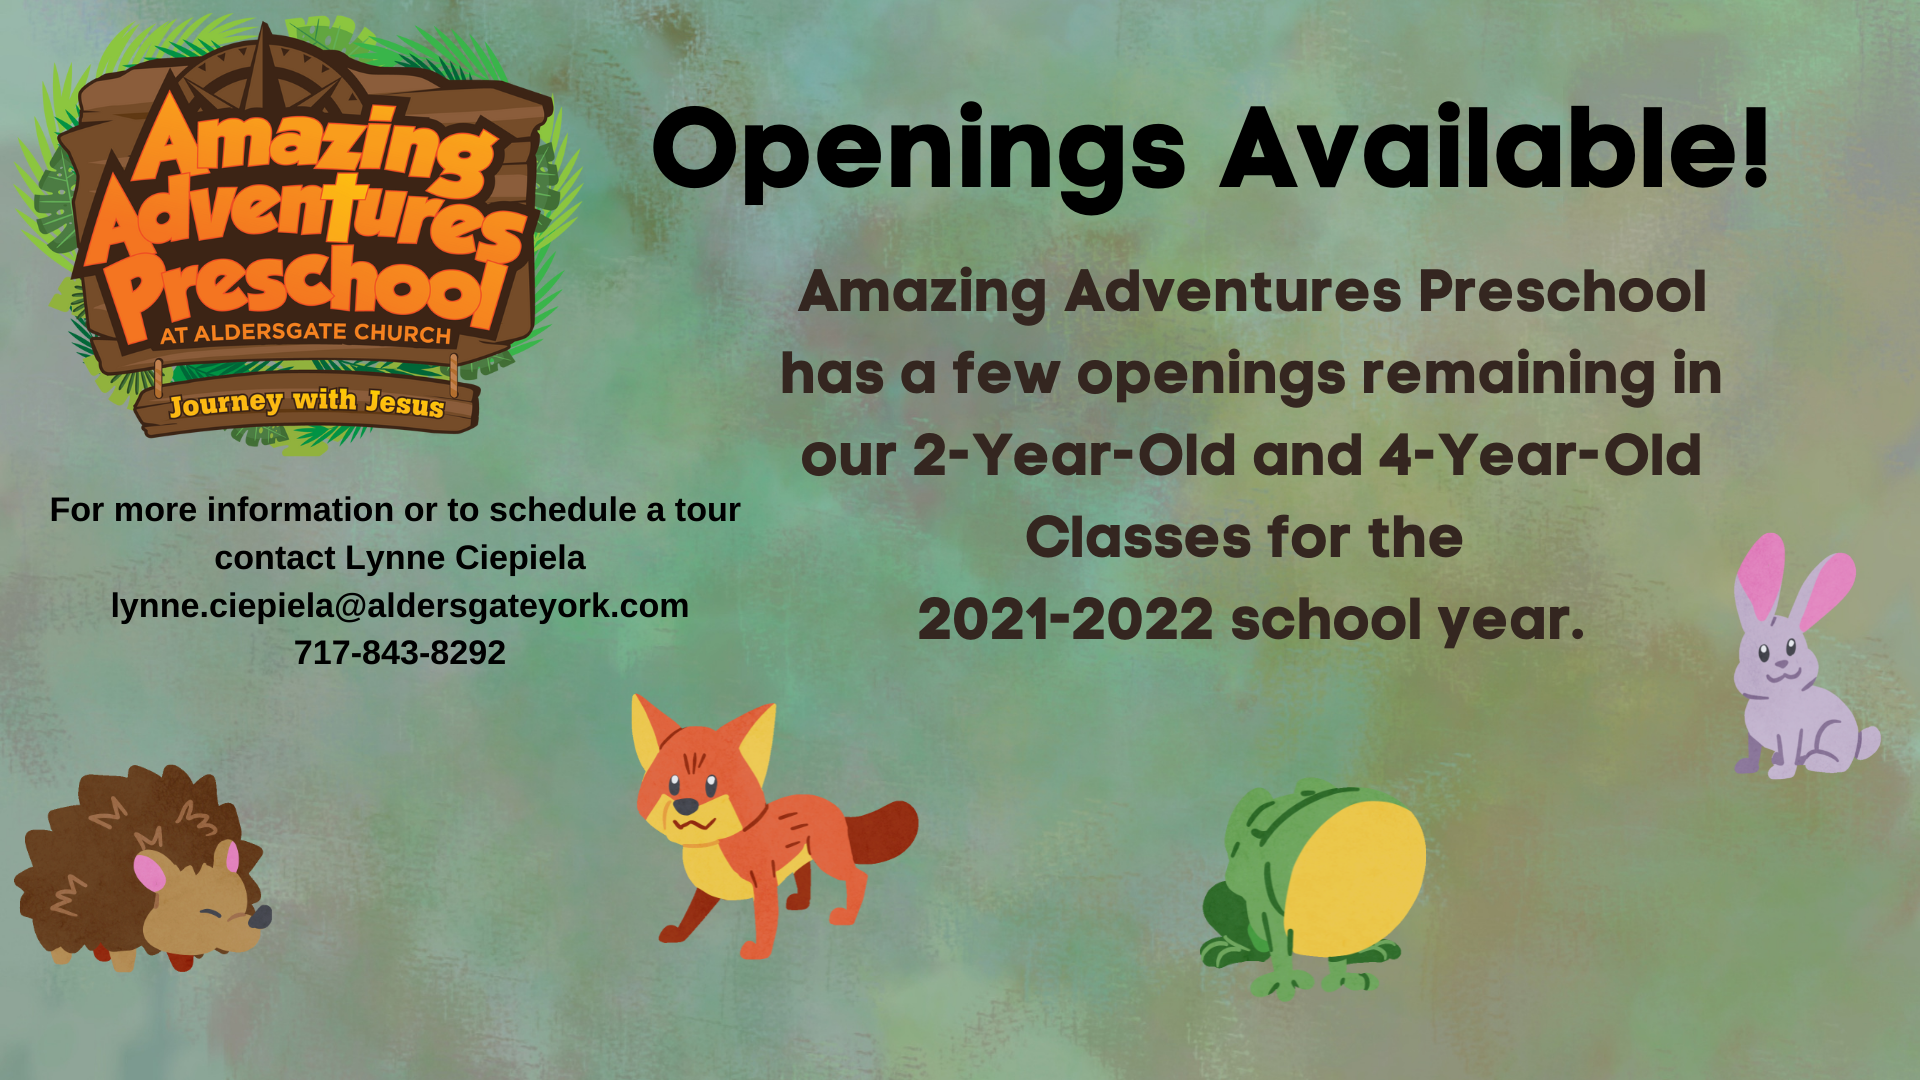 Amazing Adventures Preschool